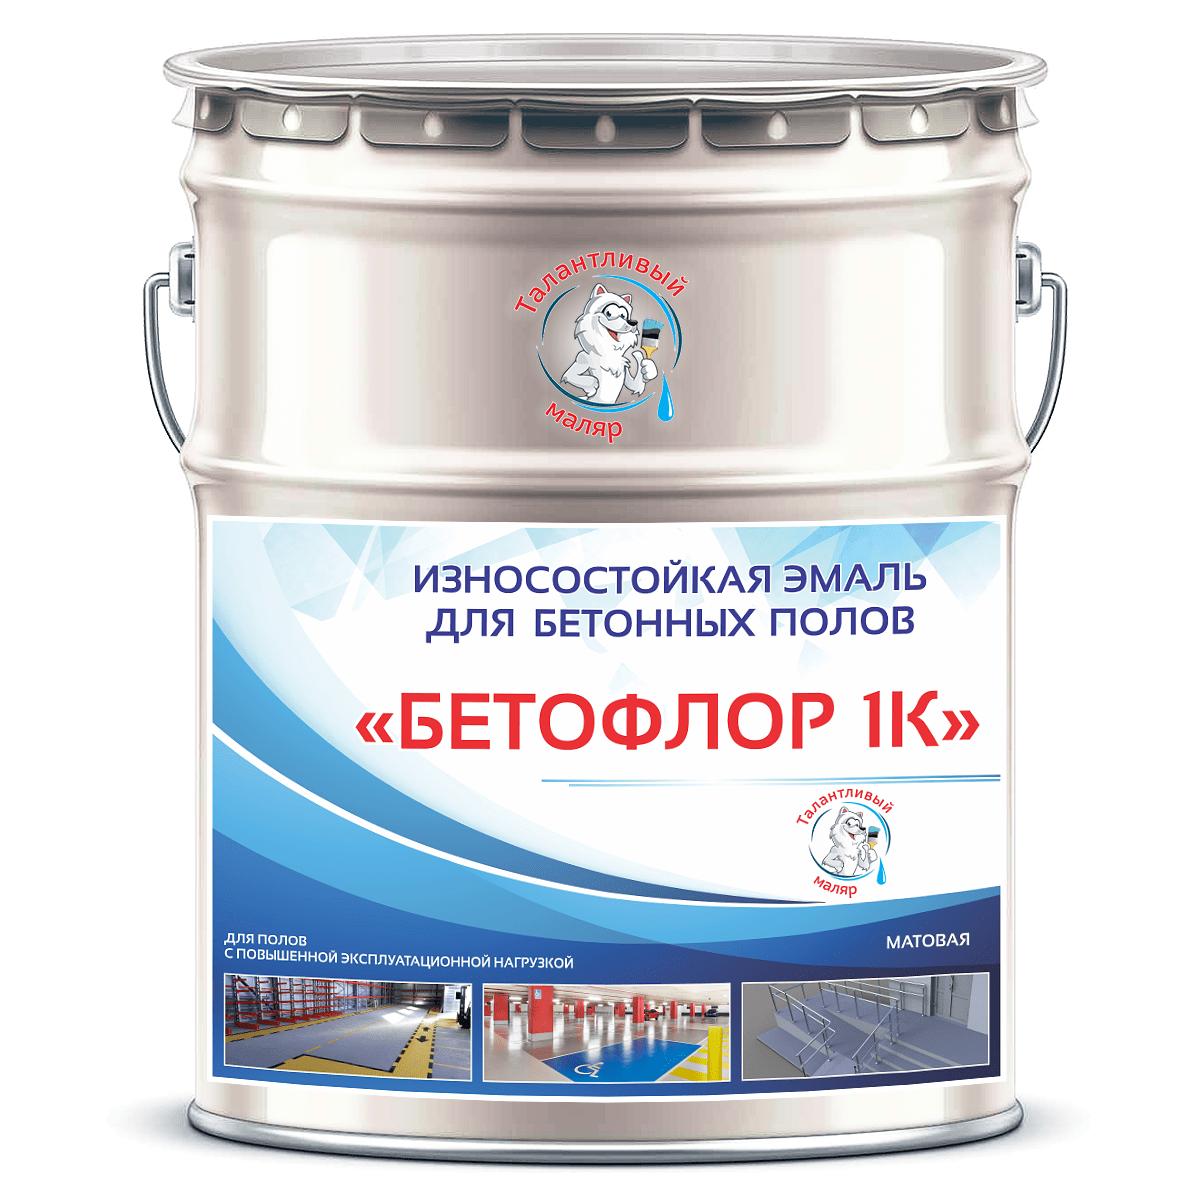 """Фото 8 - BF9016 Эмаль для бетонных полов """"Бетофлор"""" 1К цвет RAL 9016 Белый транспортный, матовая износостойкая, 25 кг """"Талантливый Маляр""""."""